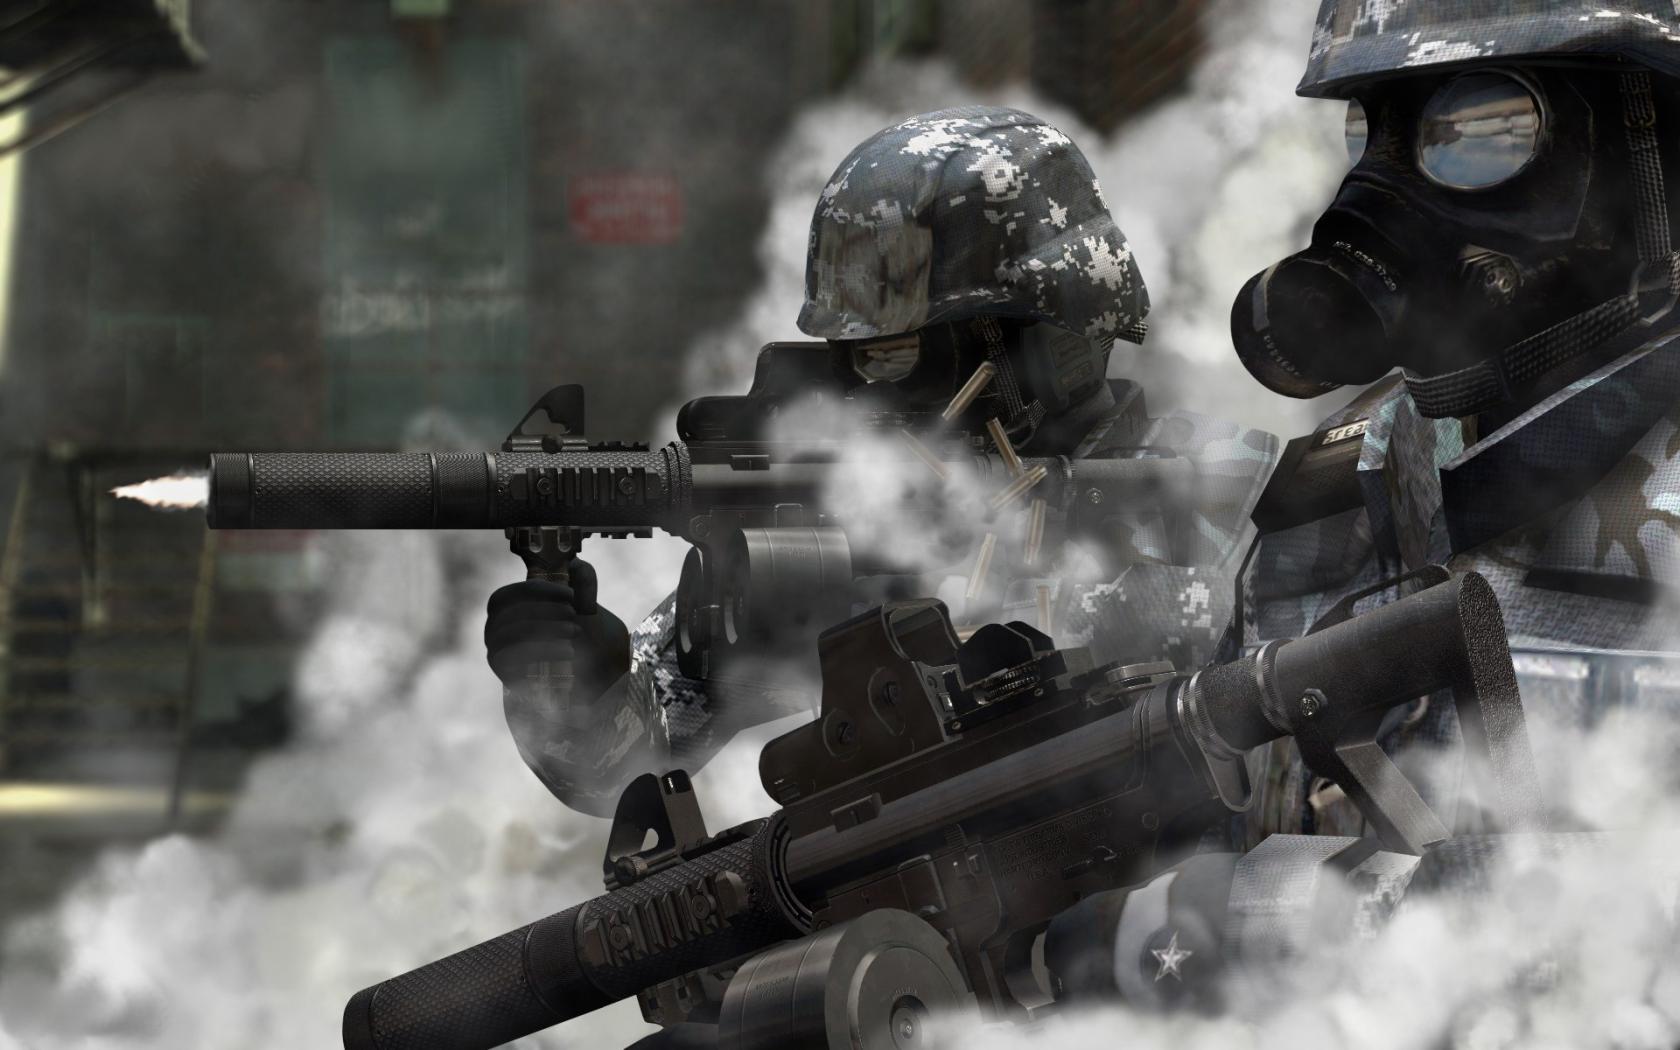 Soldiers guns gas masks wallpaper 1680x1050 61427 WallpaperUP 1680x1050